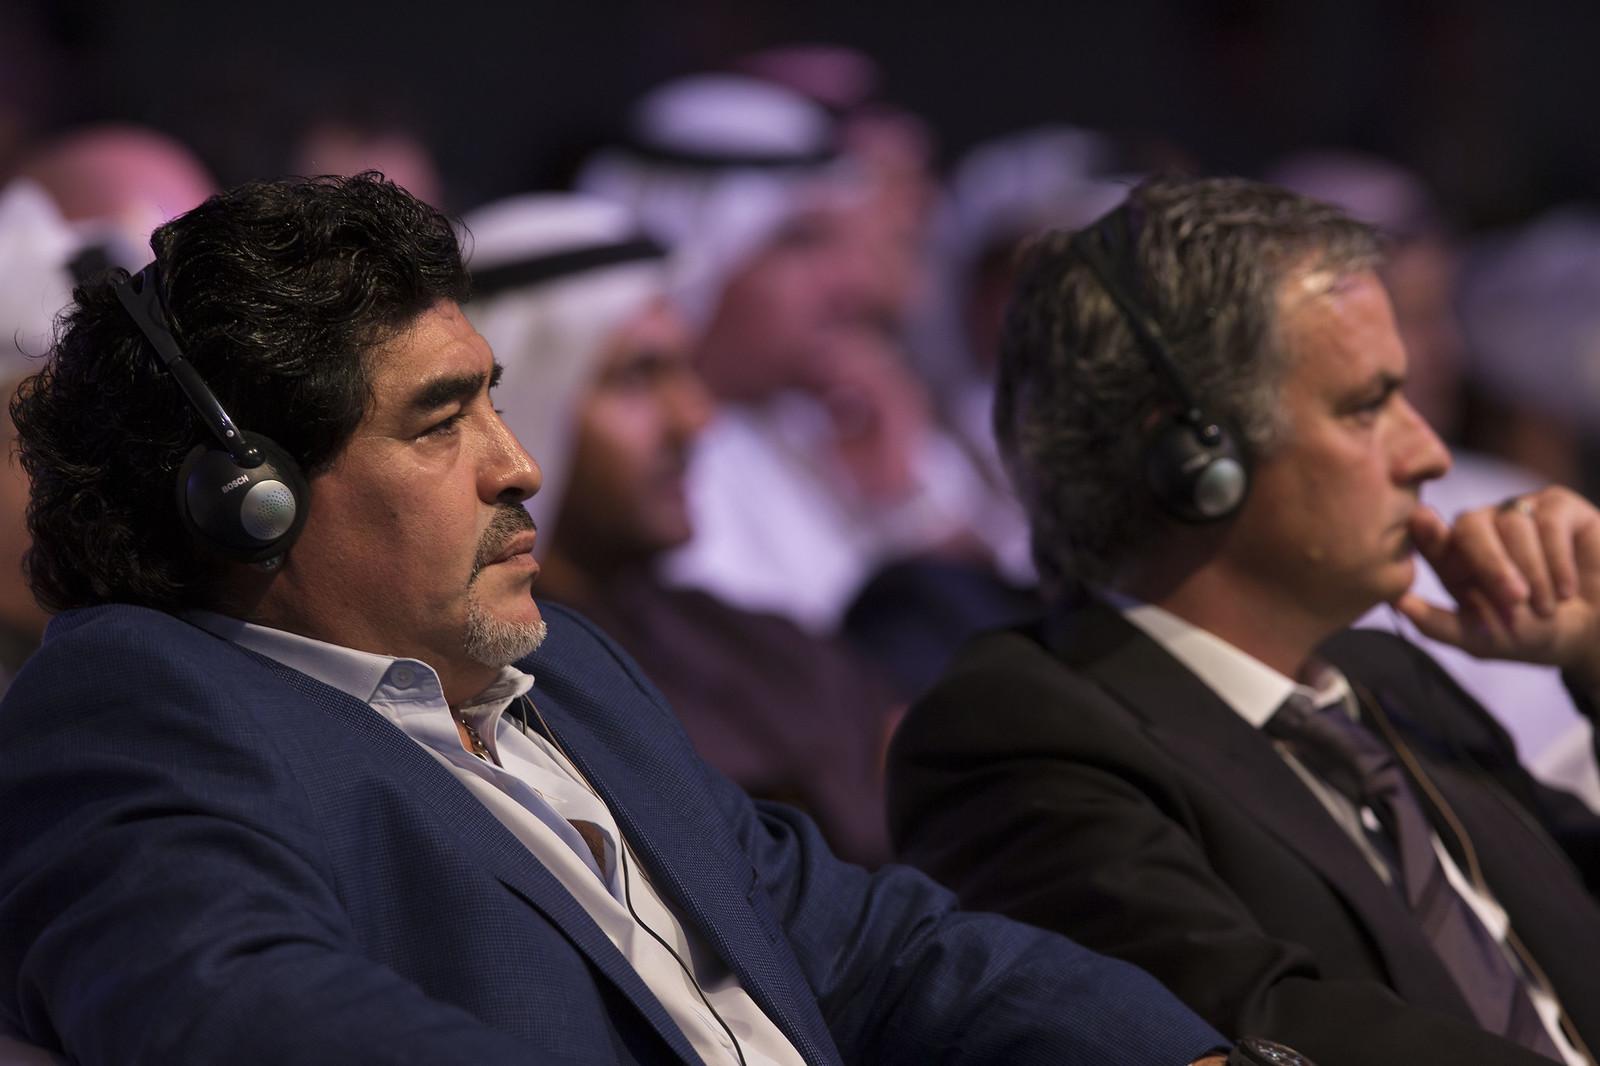 Diego Armando Maradona and Josè Mourinho